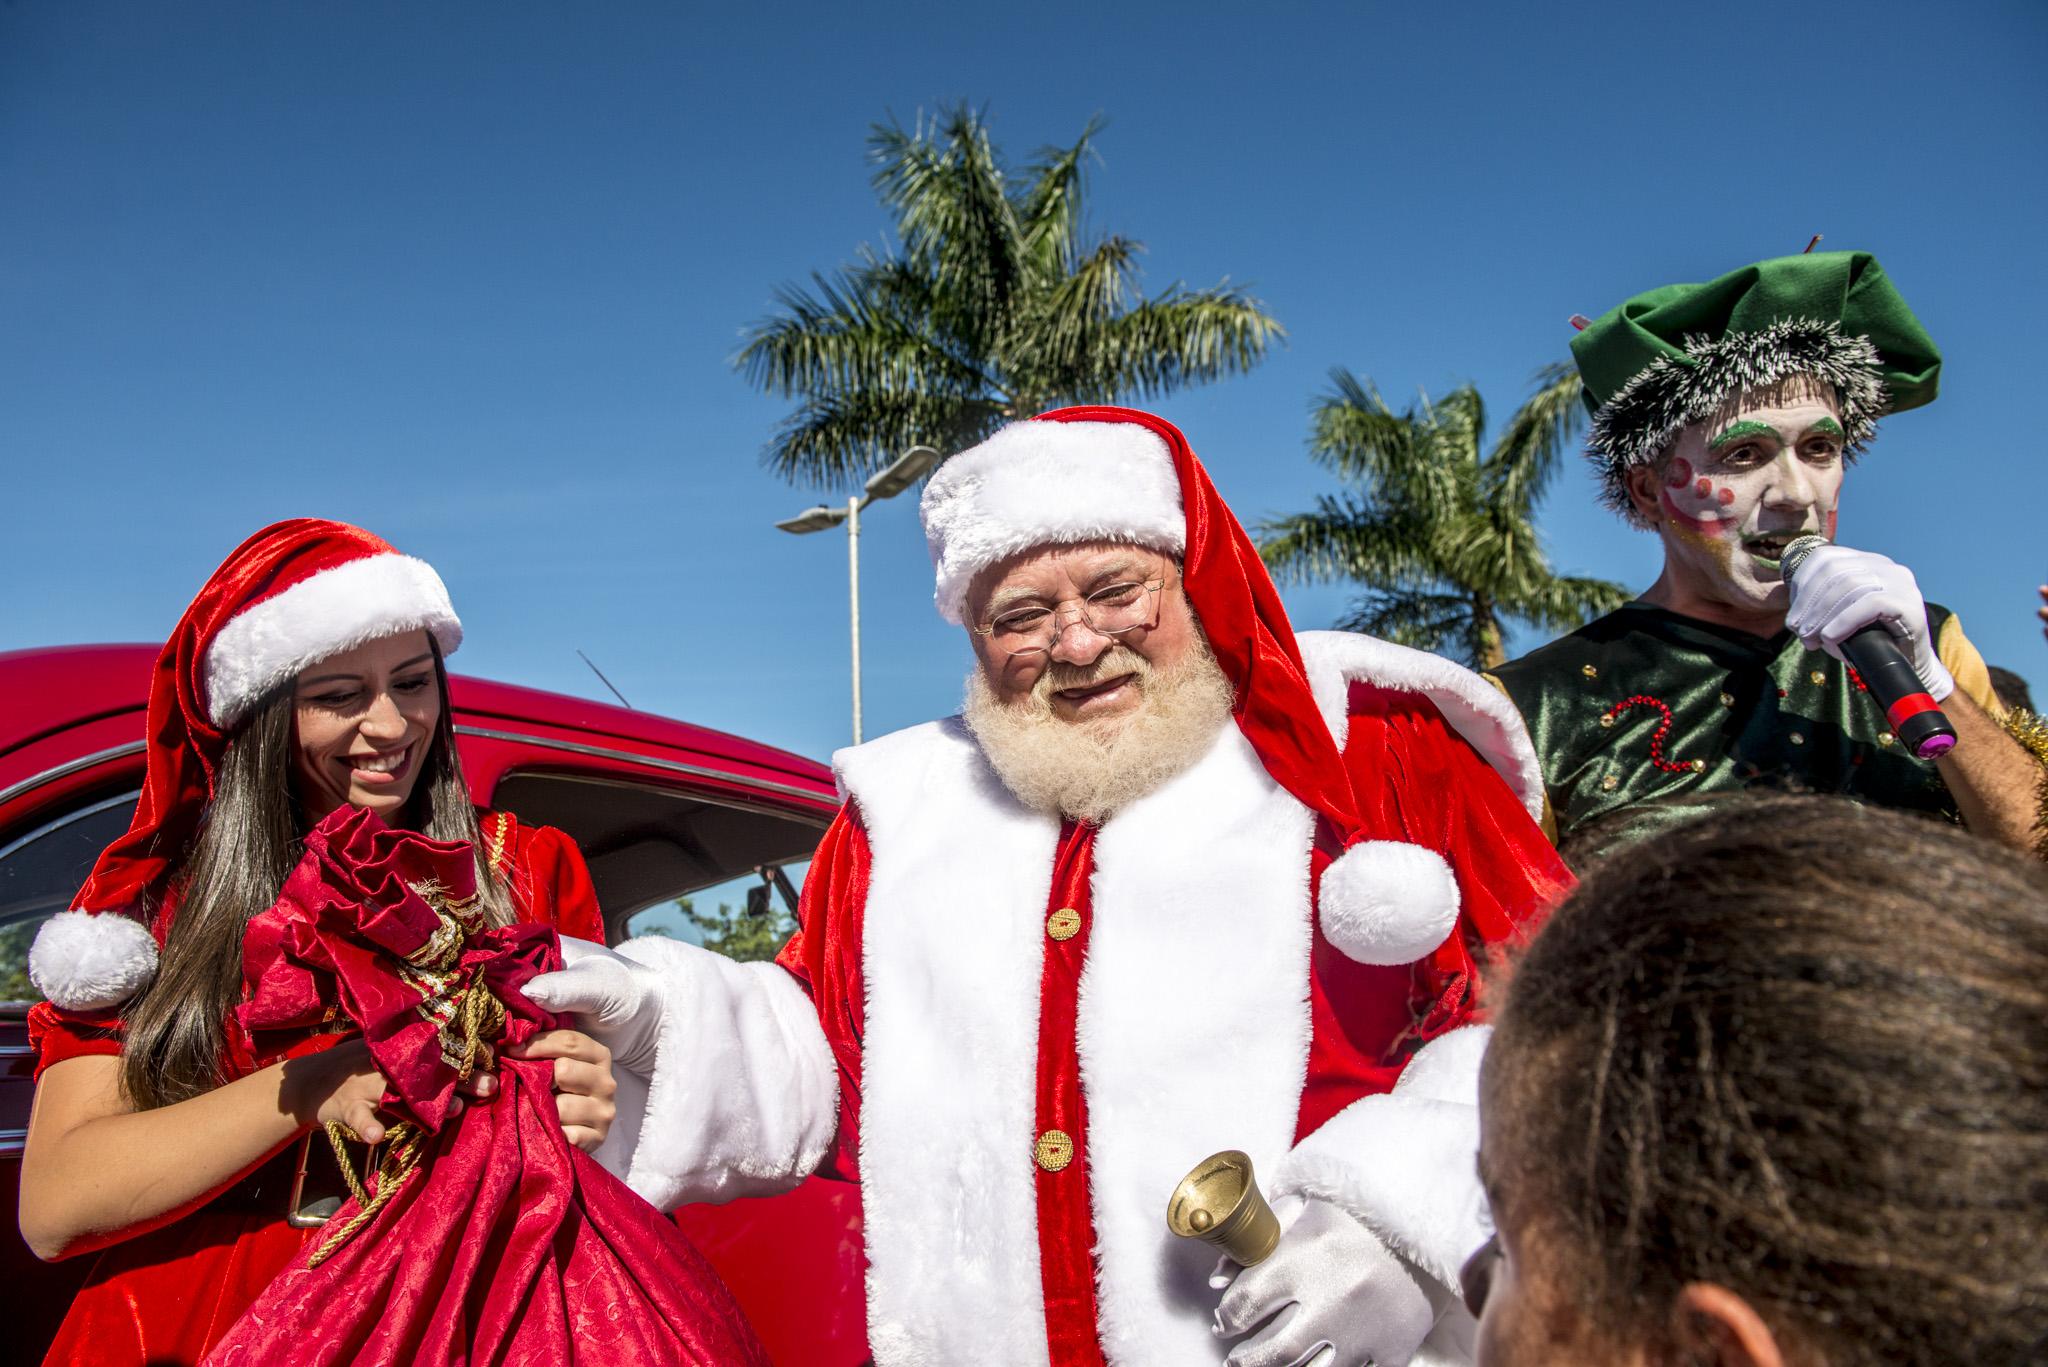 Comitiva de personagens e banda recebem o Noel no Londrina Norte